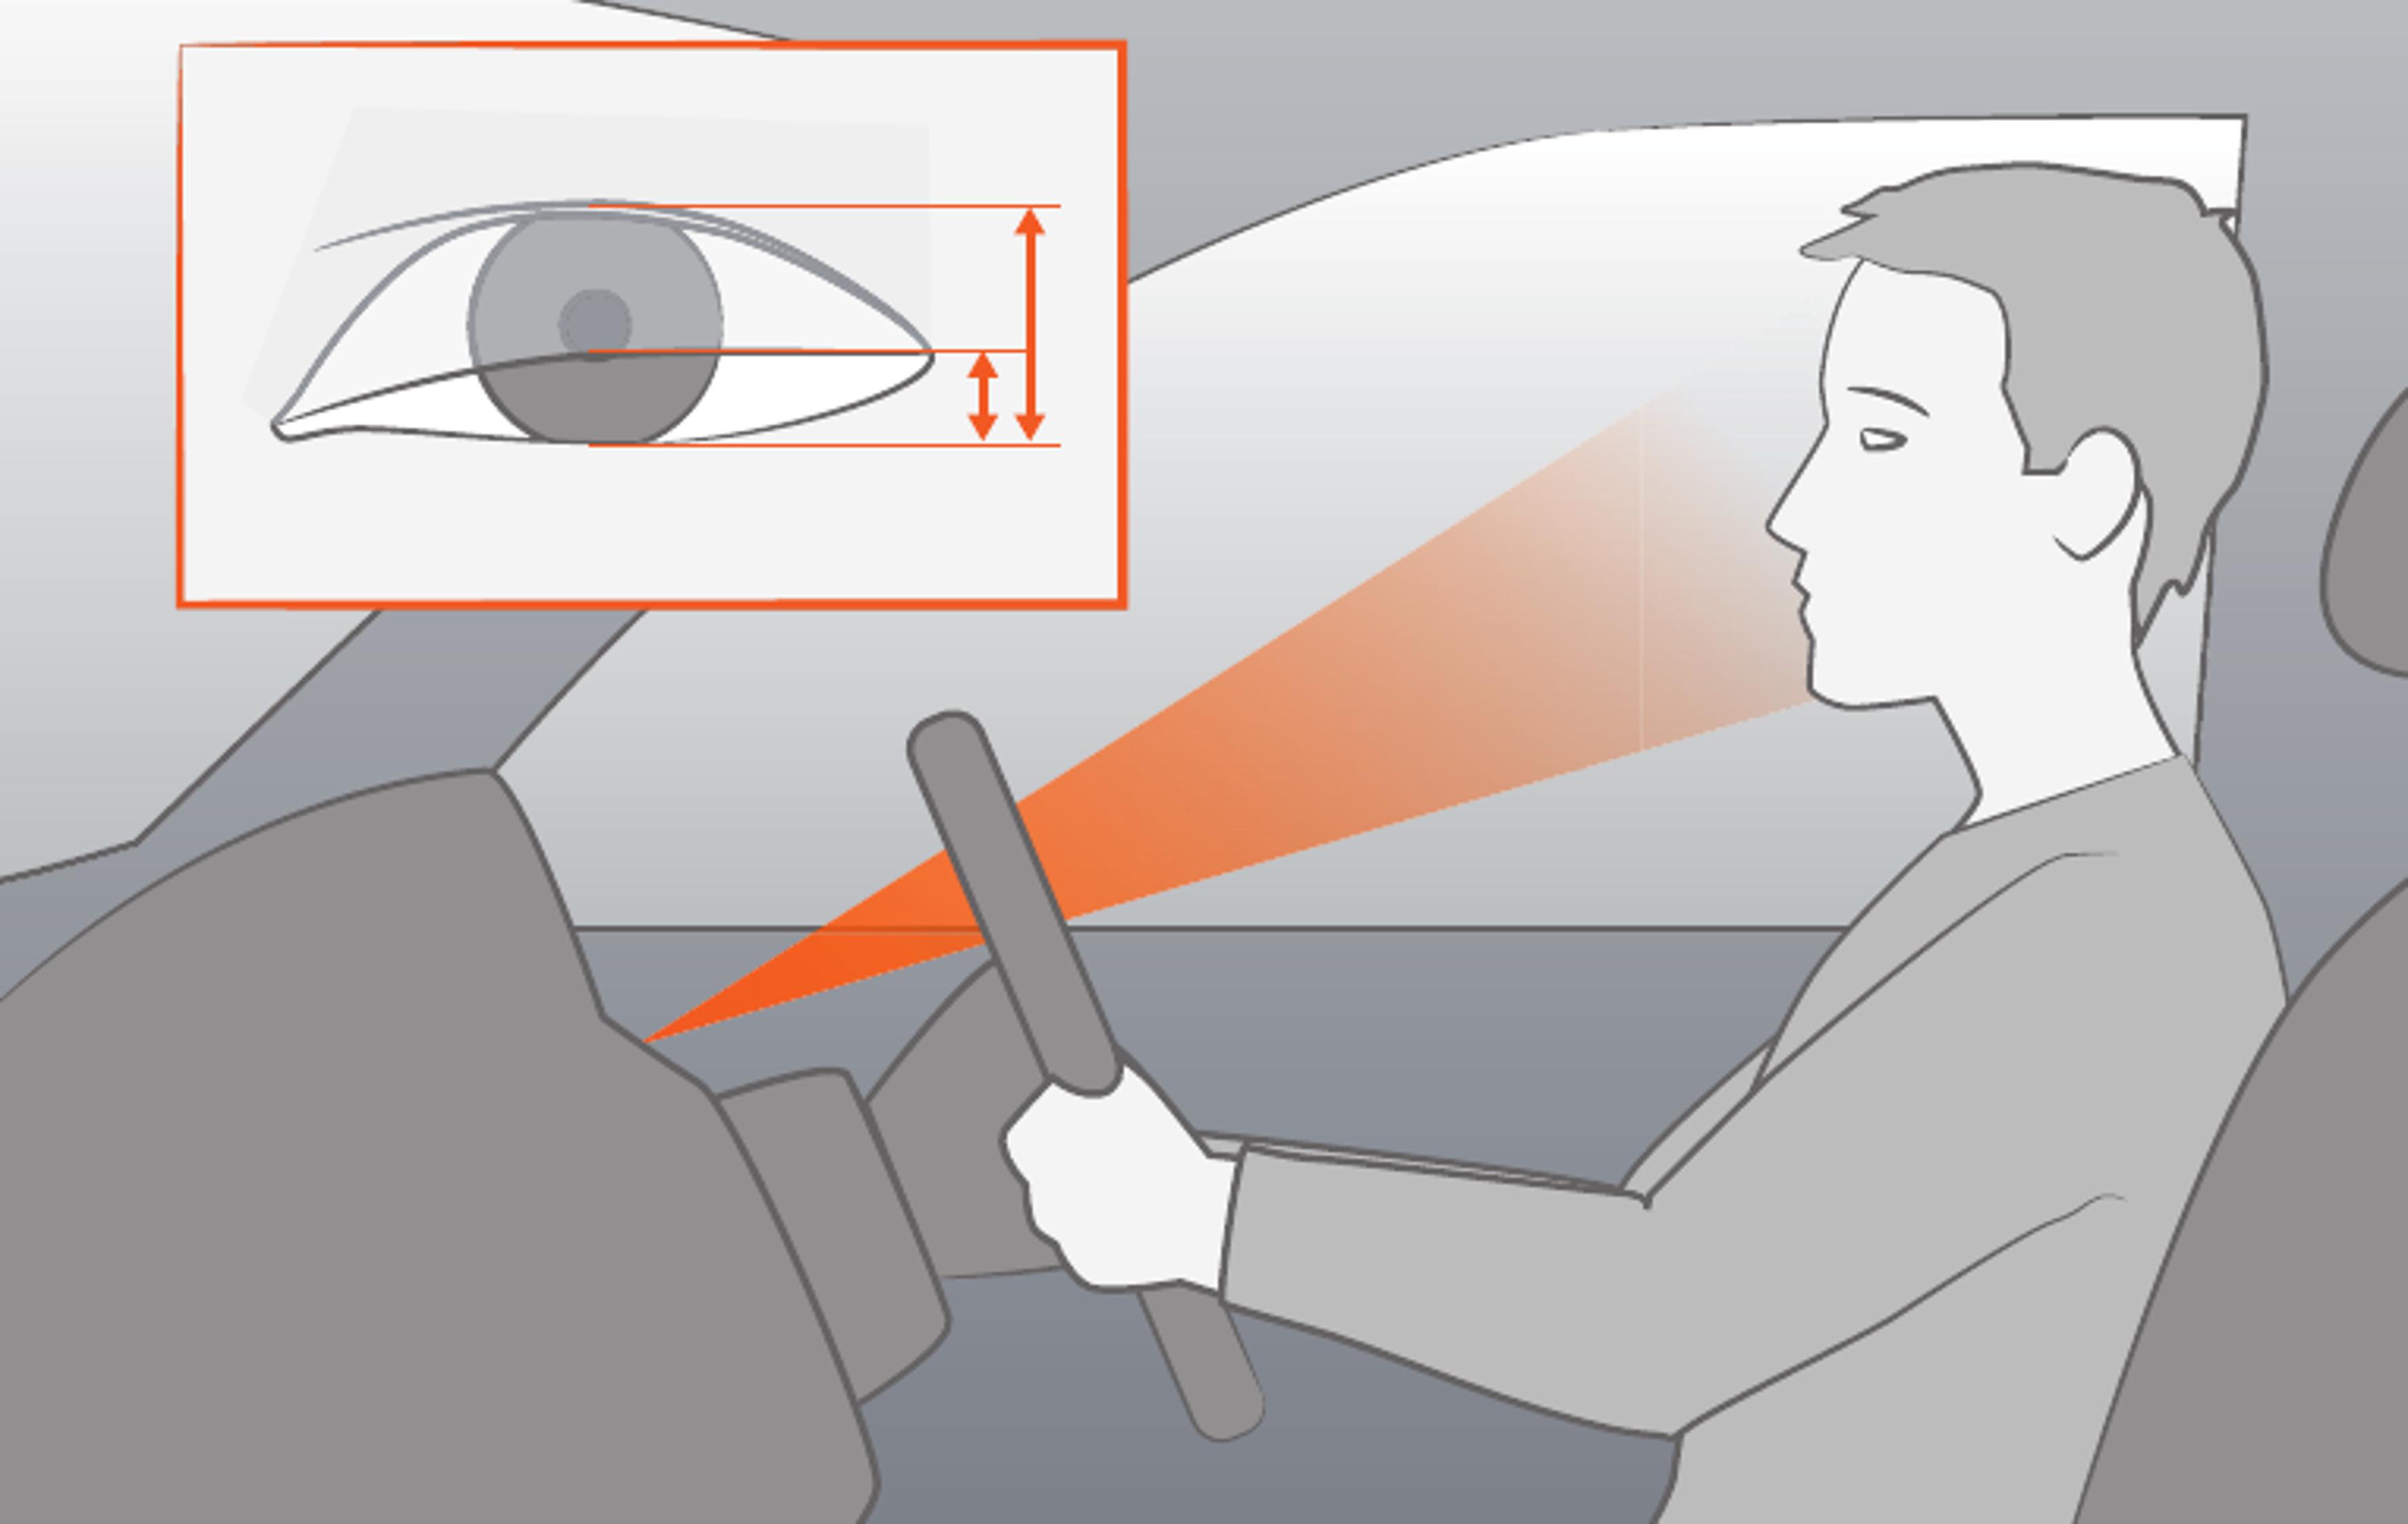 Augenüberwachung beim Driver Monitoring